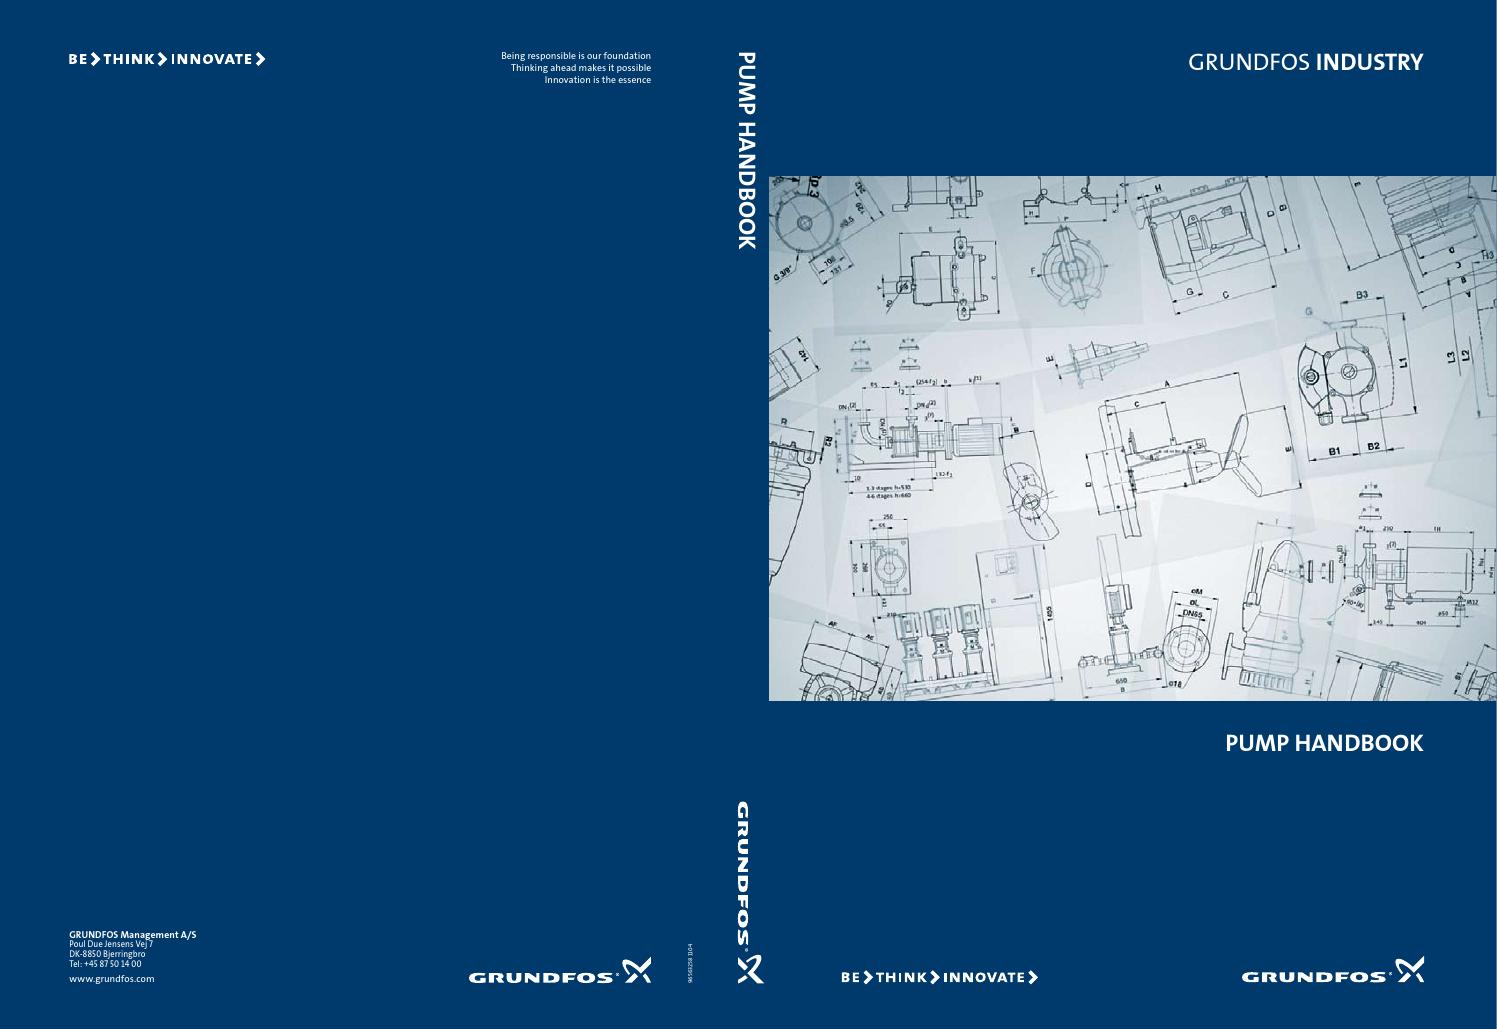 Pump Handbook Grundfos Industry By Ahmad Fikry Issuu 230v Wiring Diagrams